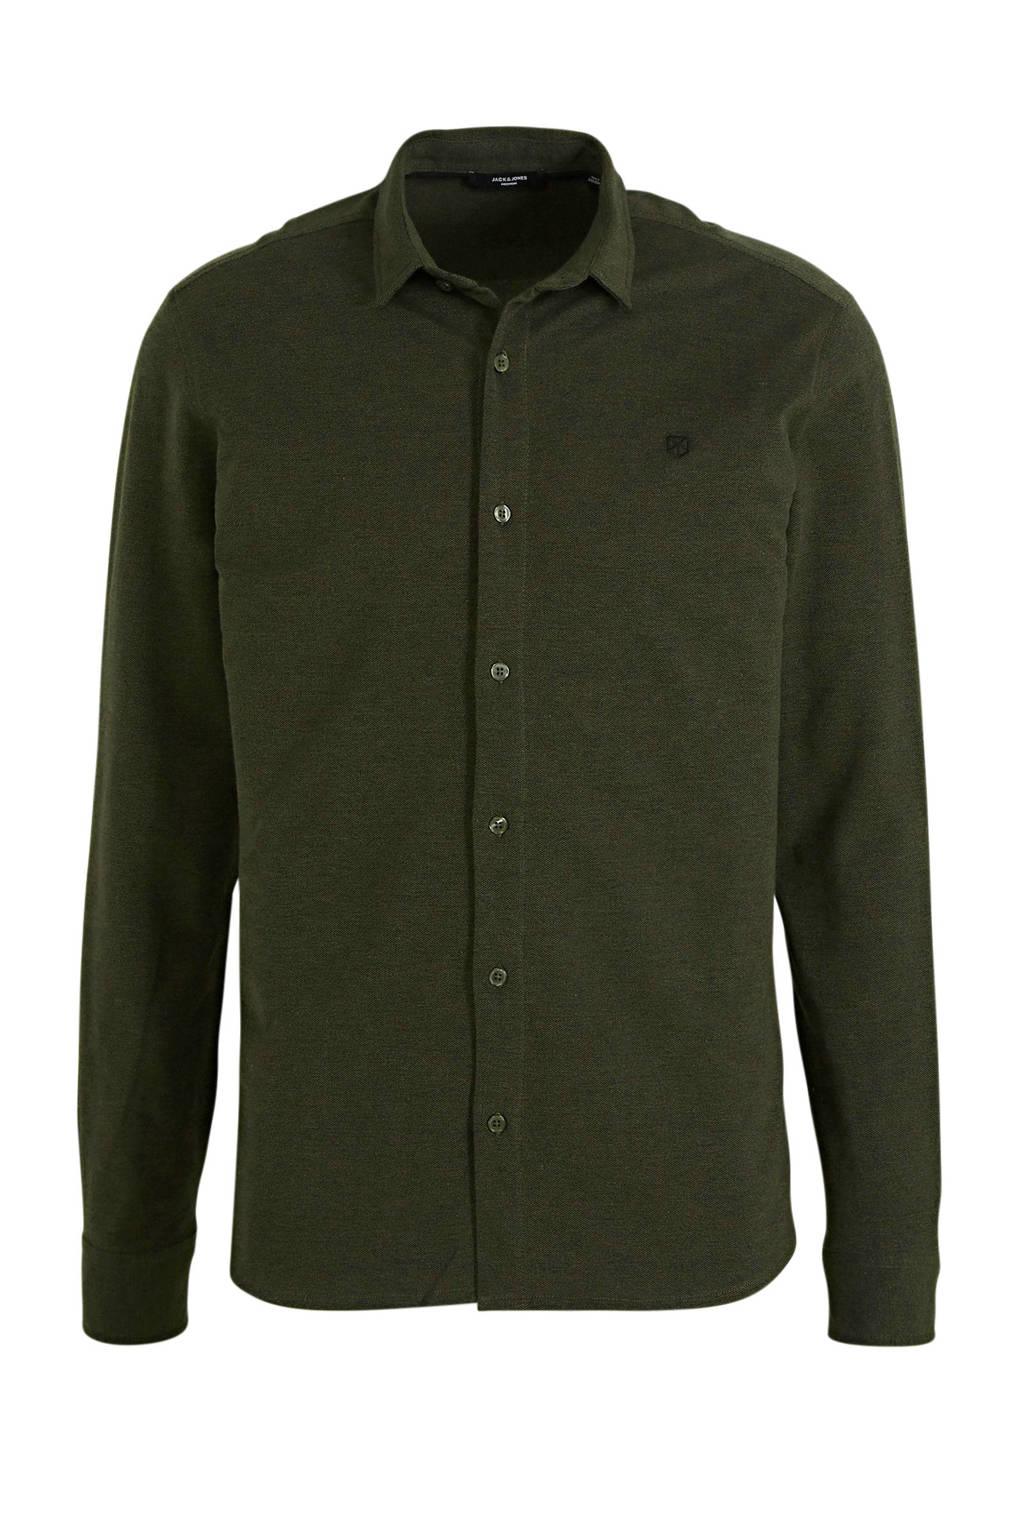 JACK & JONES PREMIUM regular fit overhemd met textuur donkergroen, Donkergroen